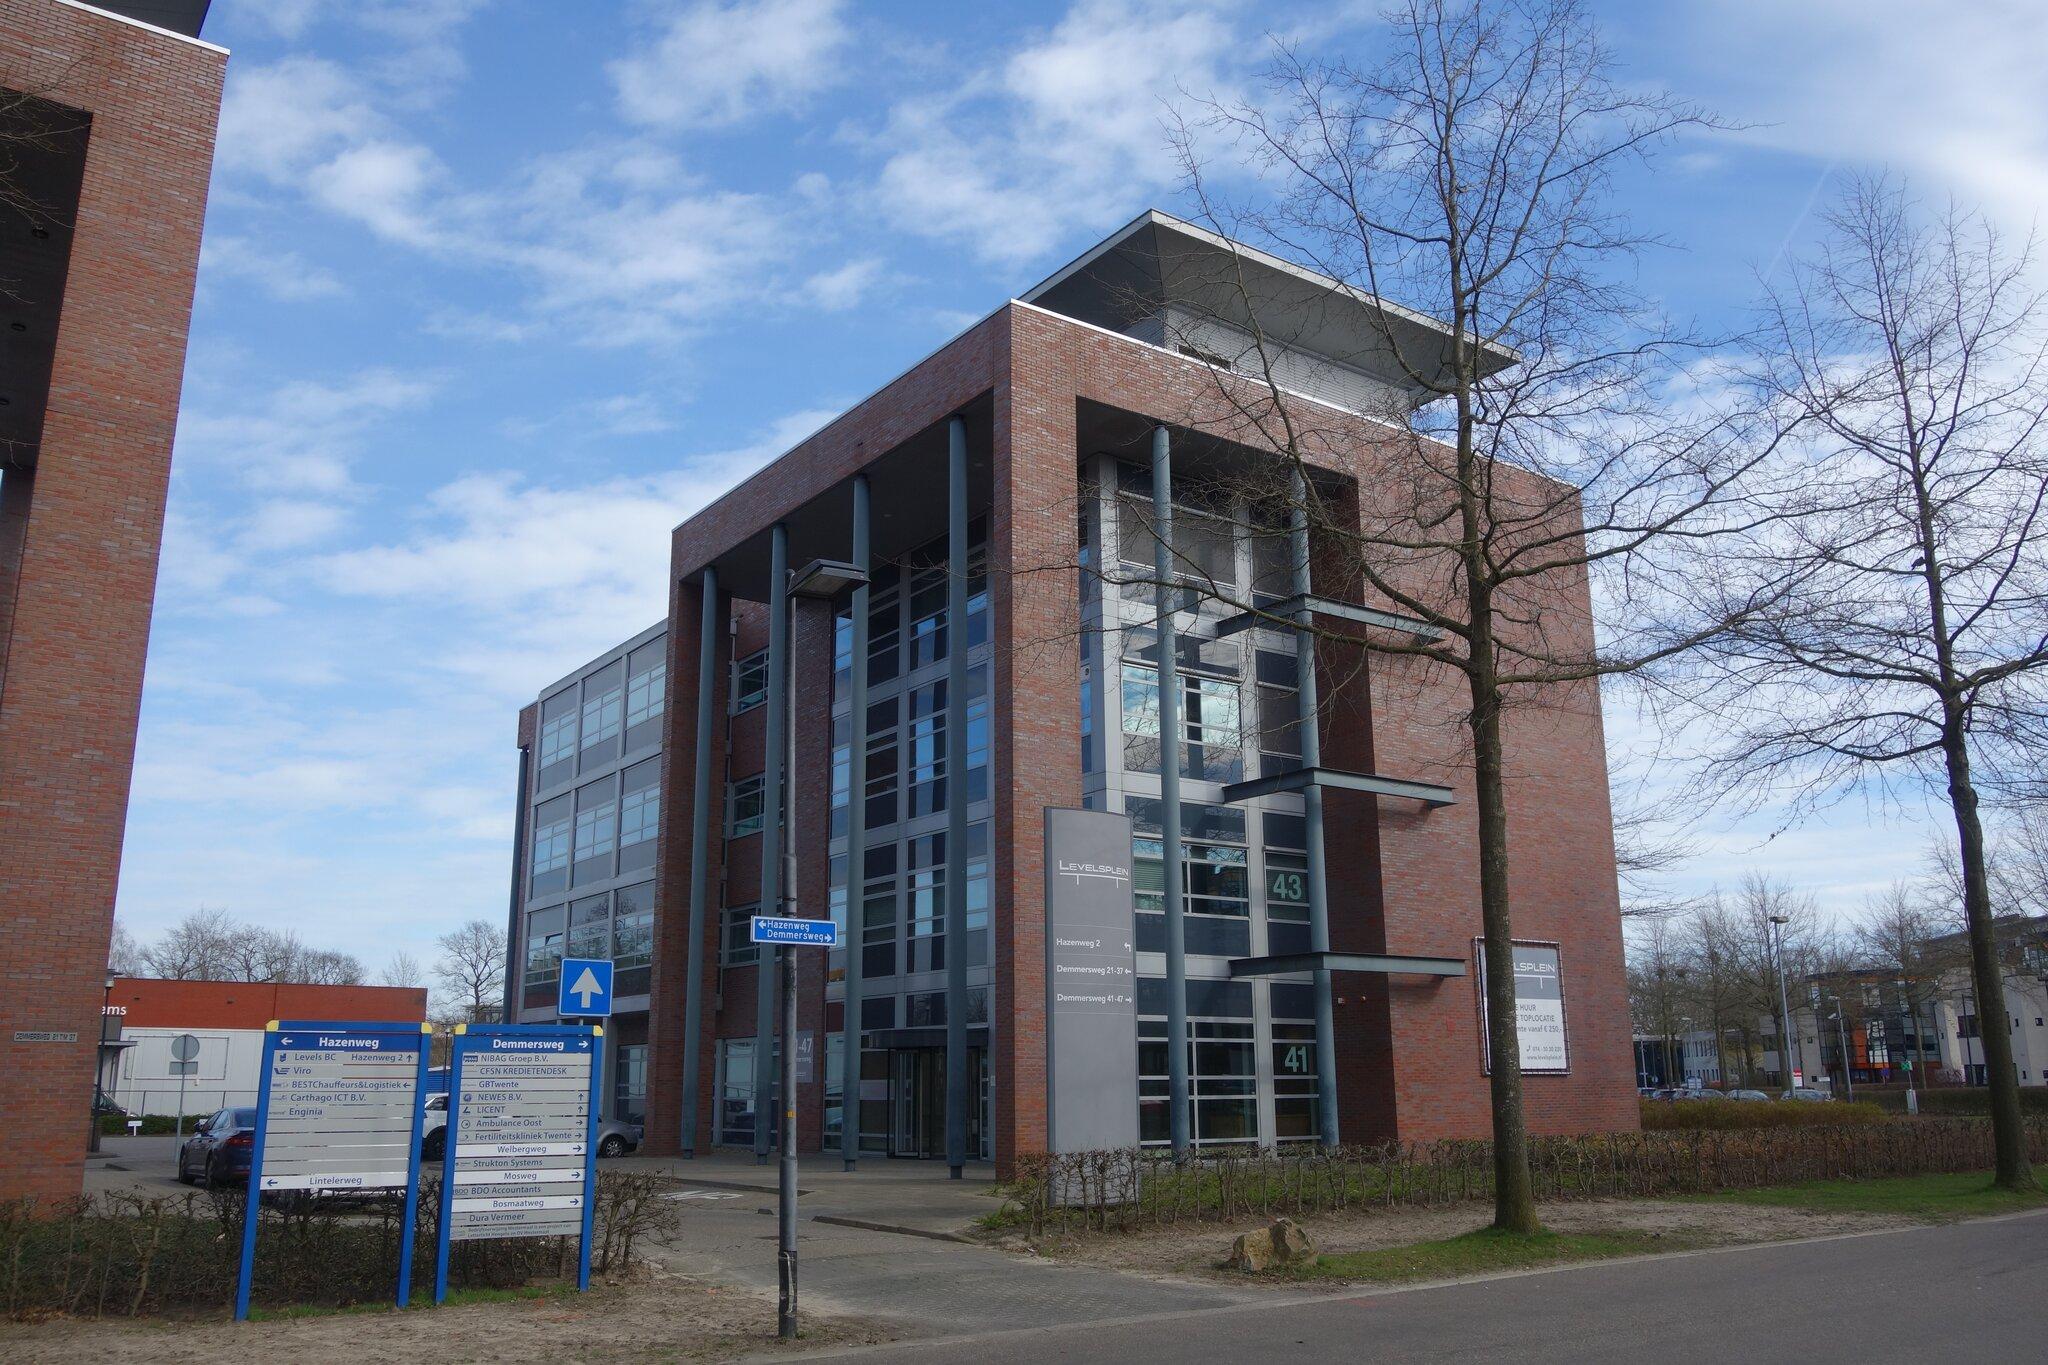 Visma Verzuim huurt 926 m² kantoorruimte in Hengelo